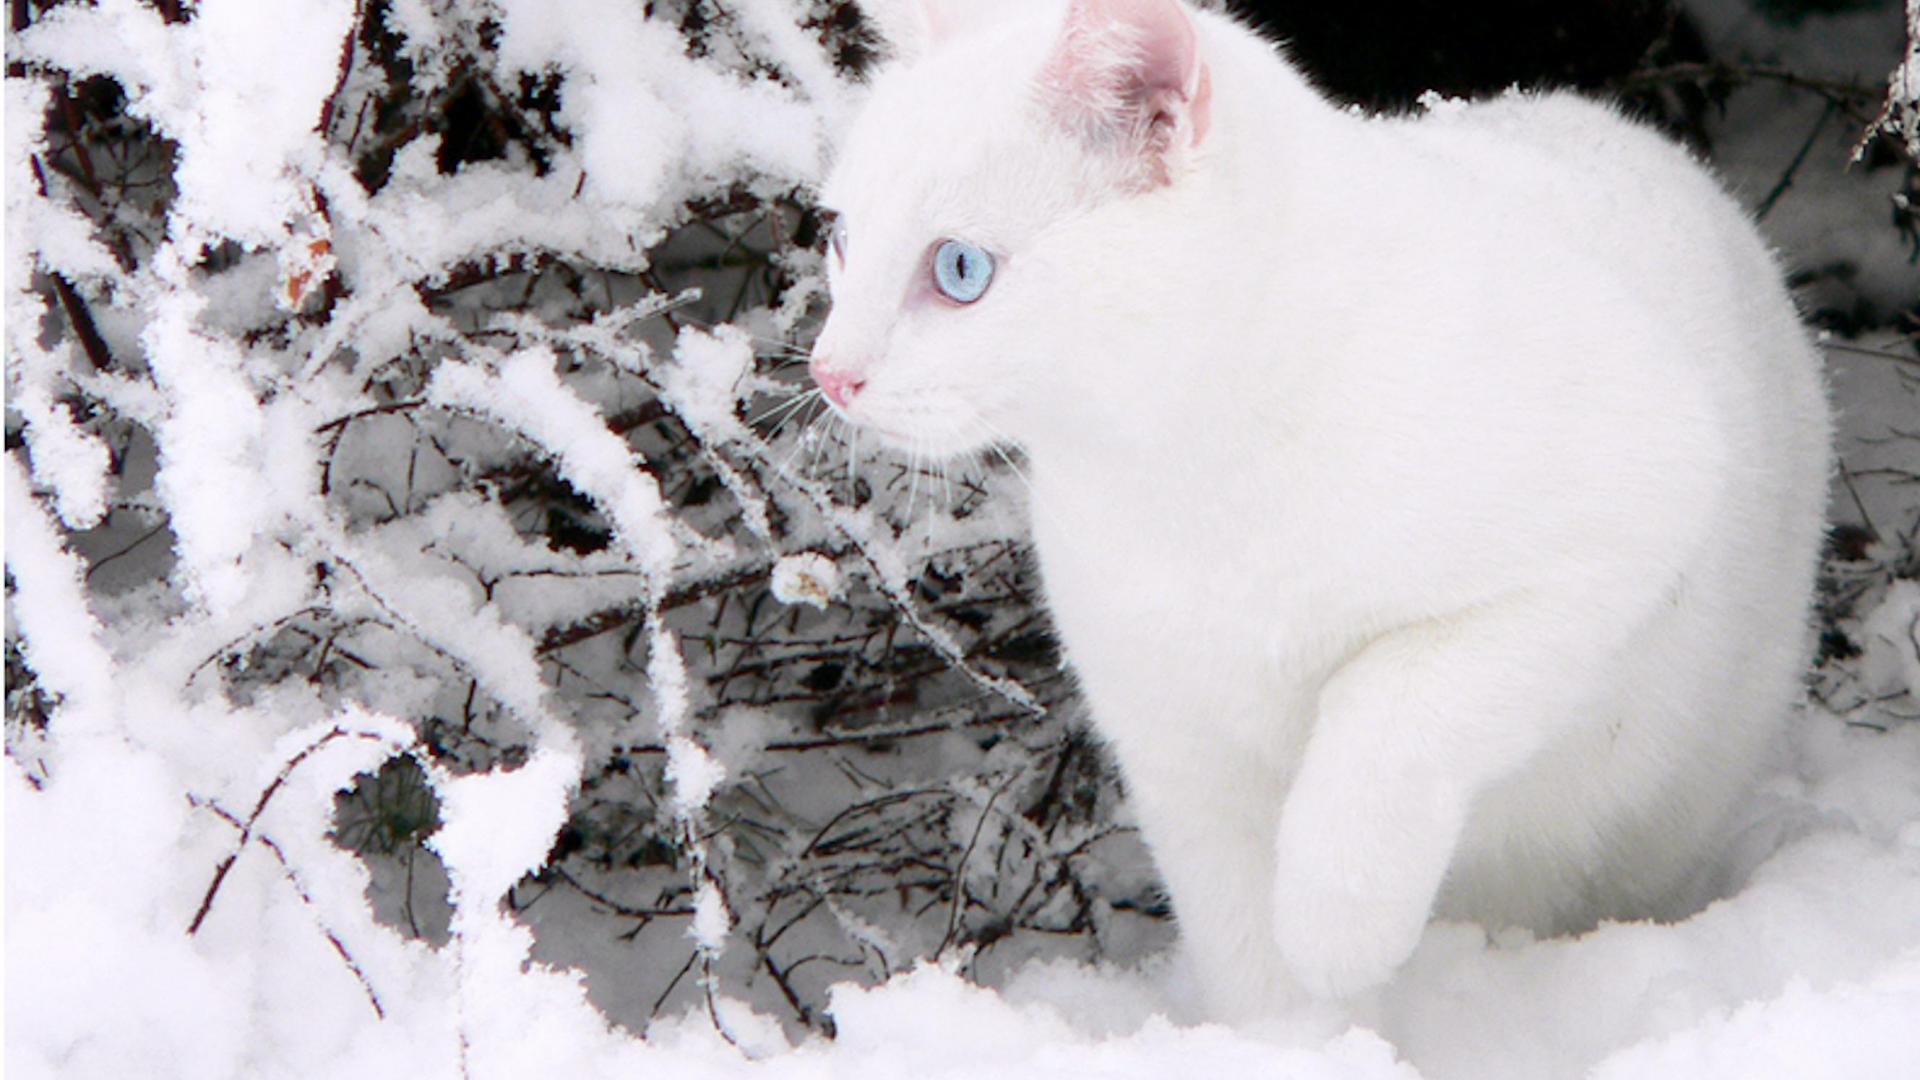 Cats in Snow Wallpaper - WallpaperSafari